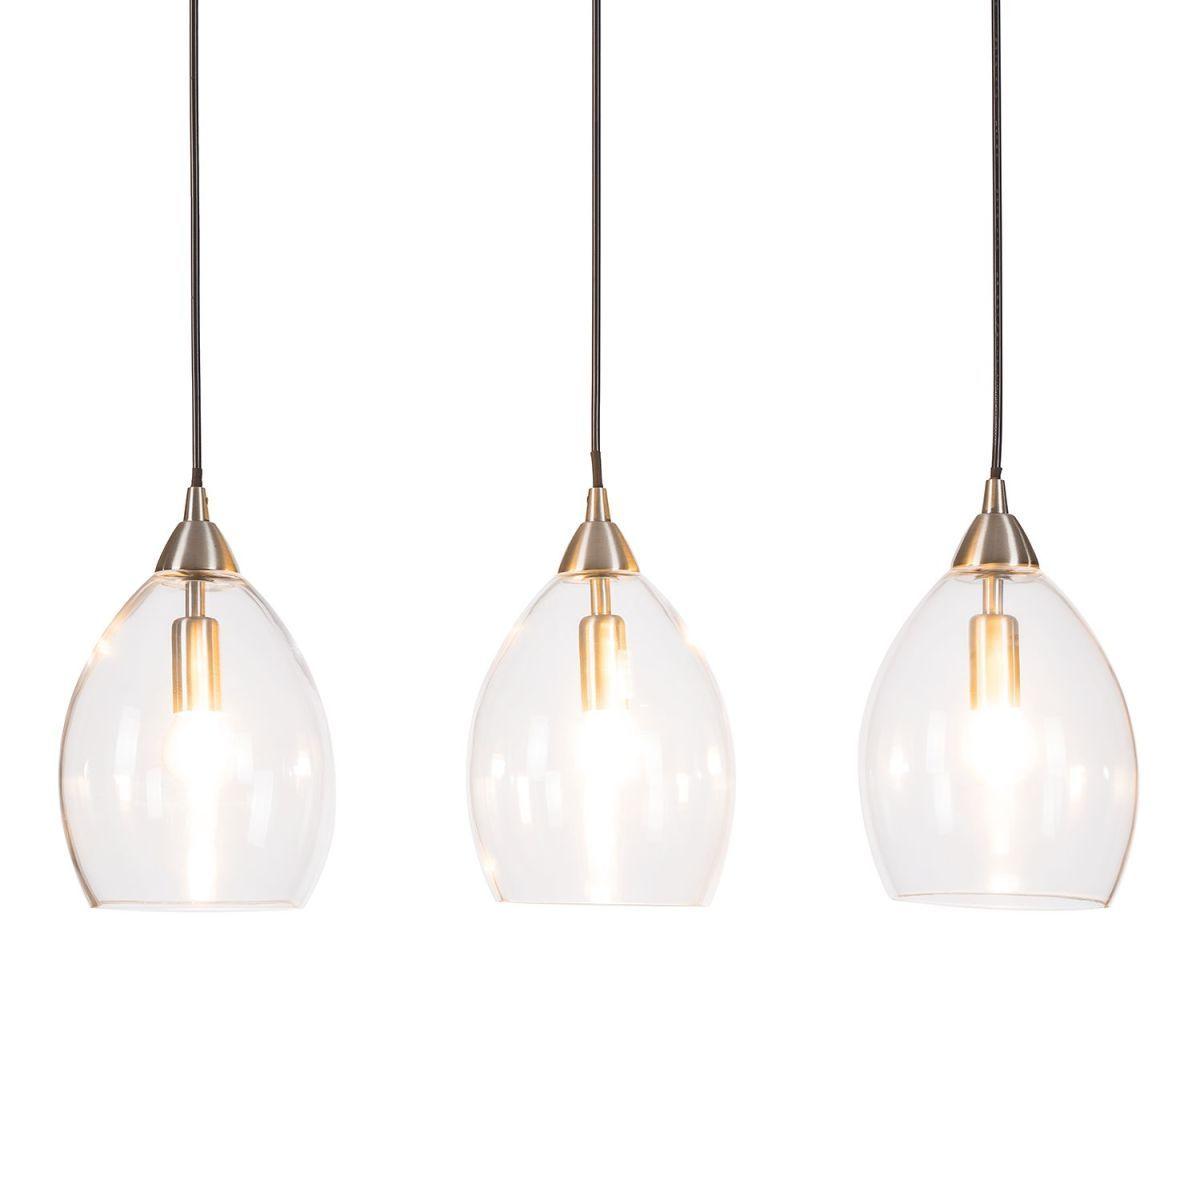 Schön Lampe 3 Flammig Referenz Von Eek A++, Pendelleuchte Vess - Glas /